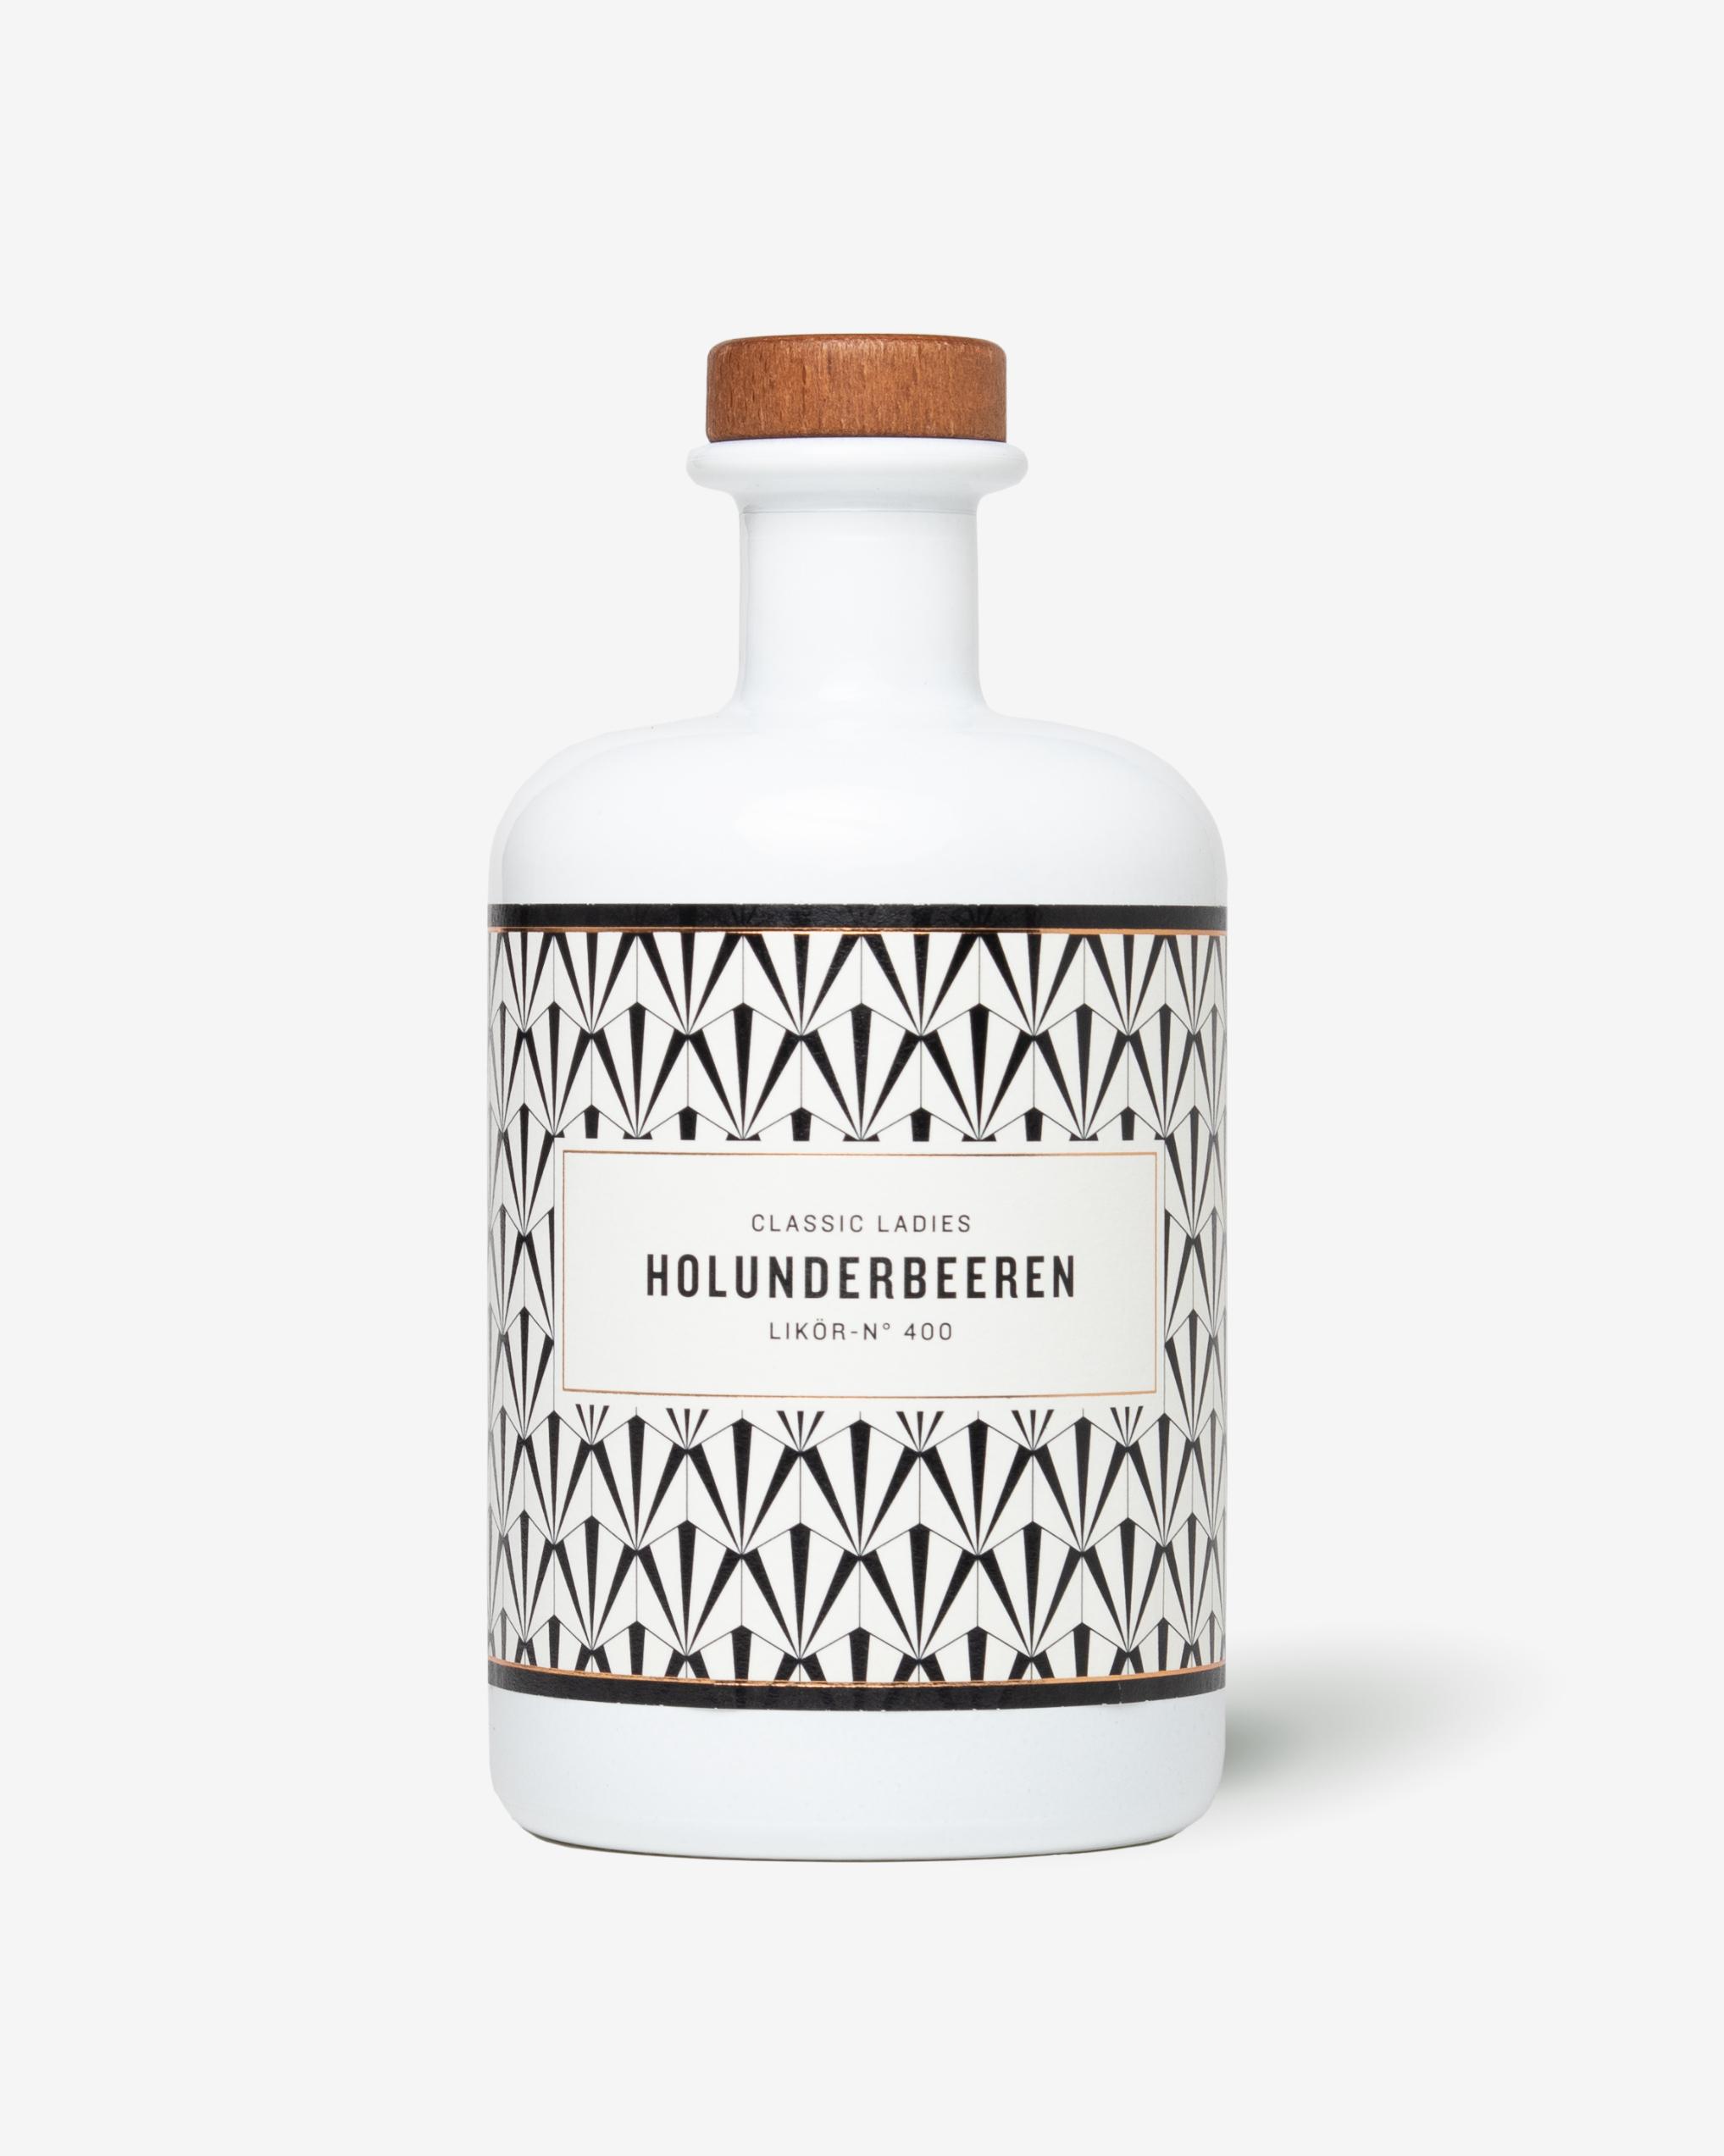 ffine_Brinkmann-Sonnenberg_Brennerei-Ehringhausen_packaging_08.jpg